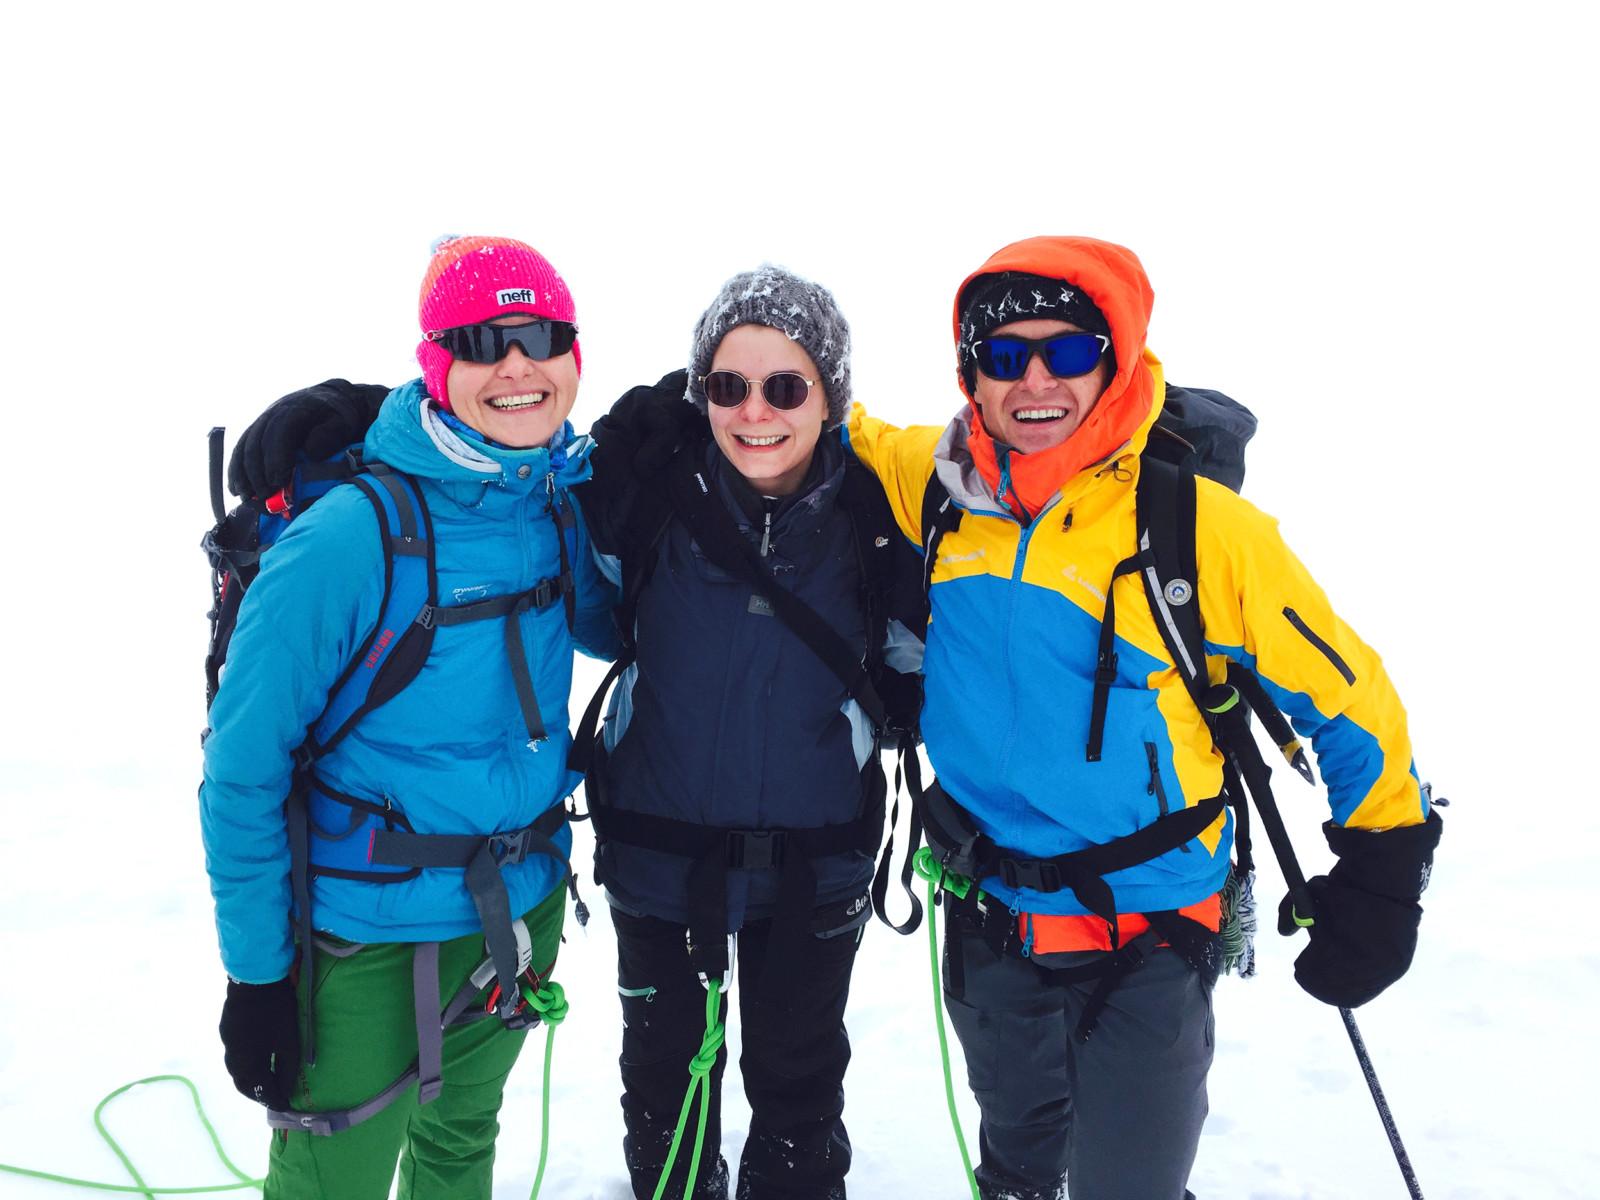 Bald ist der Gipfel erreicht! Ich, Christina und Hans-Peter in Vorfreude.